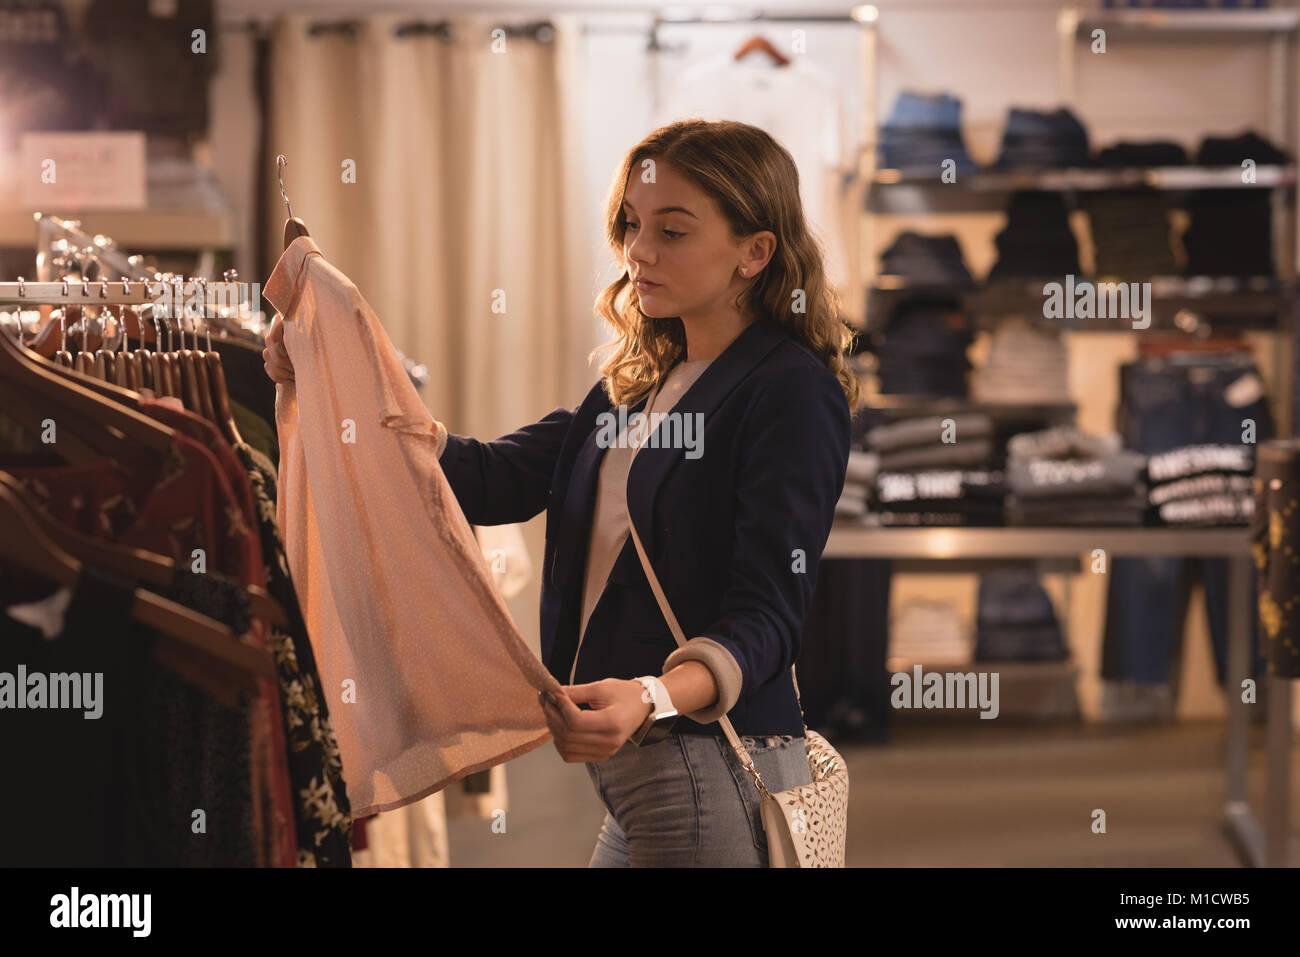 Bella mujer tiendas de ropa Foto de stock